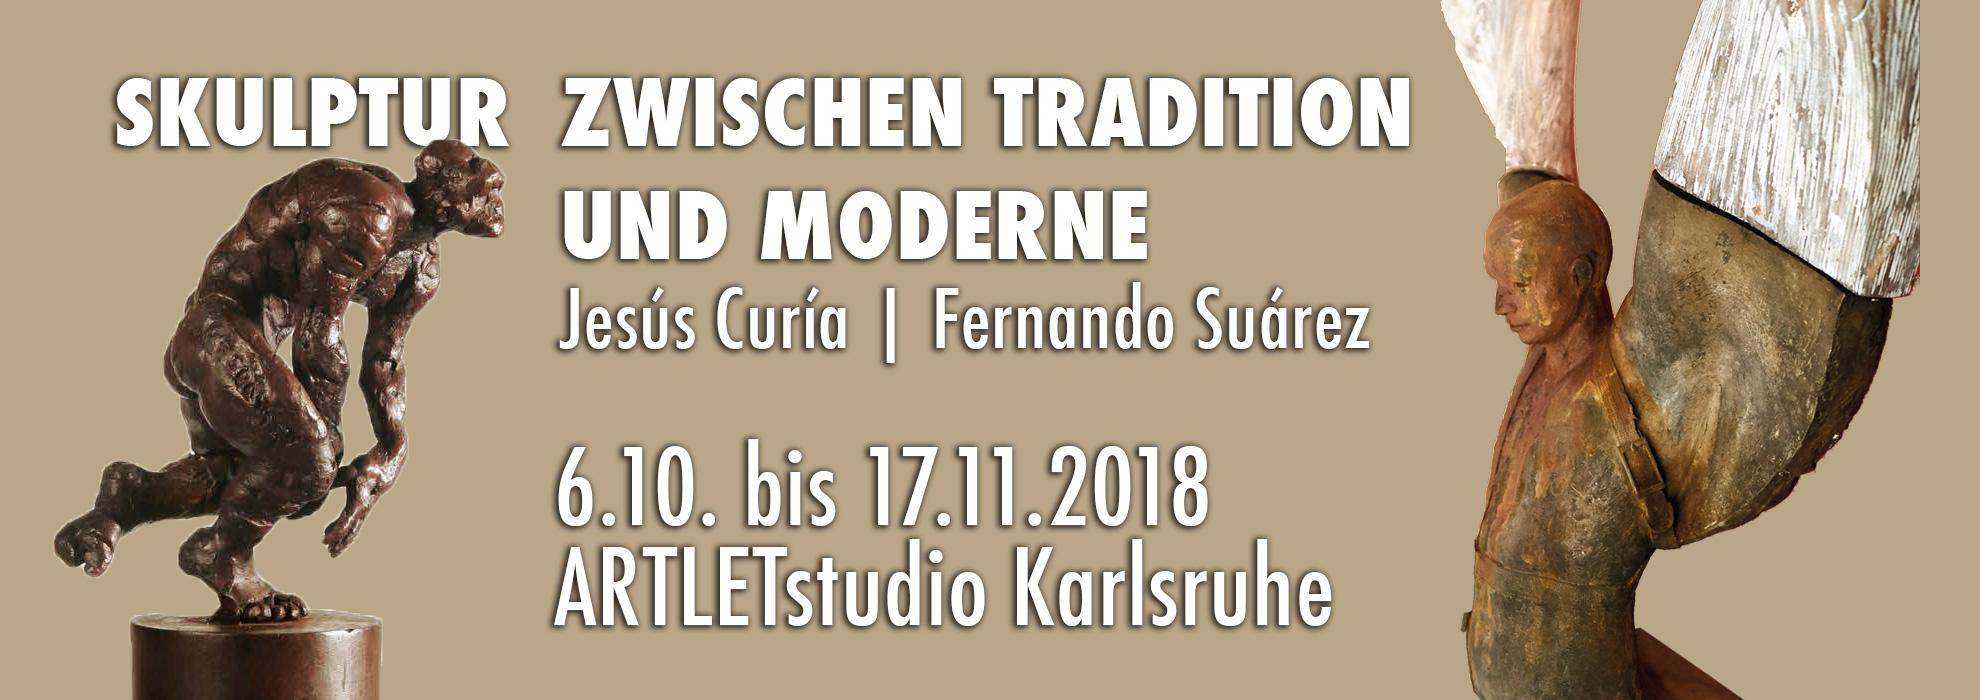 AusstellungSlider-ZwischenTraditionUndModerne2